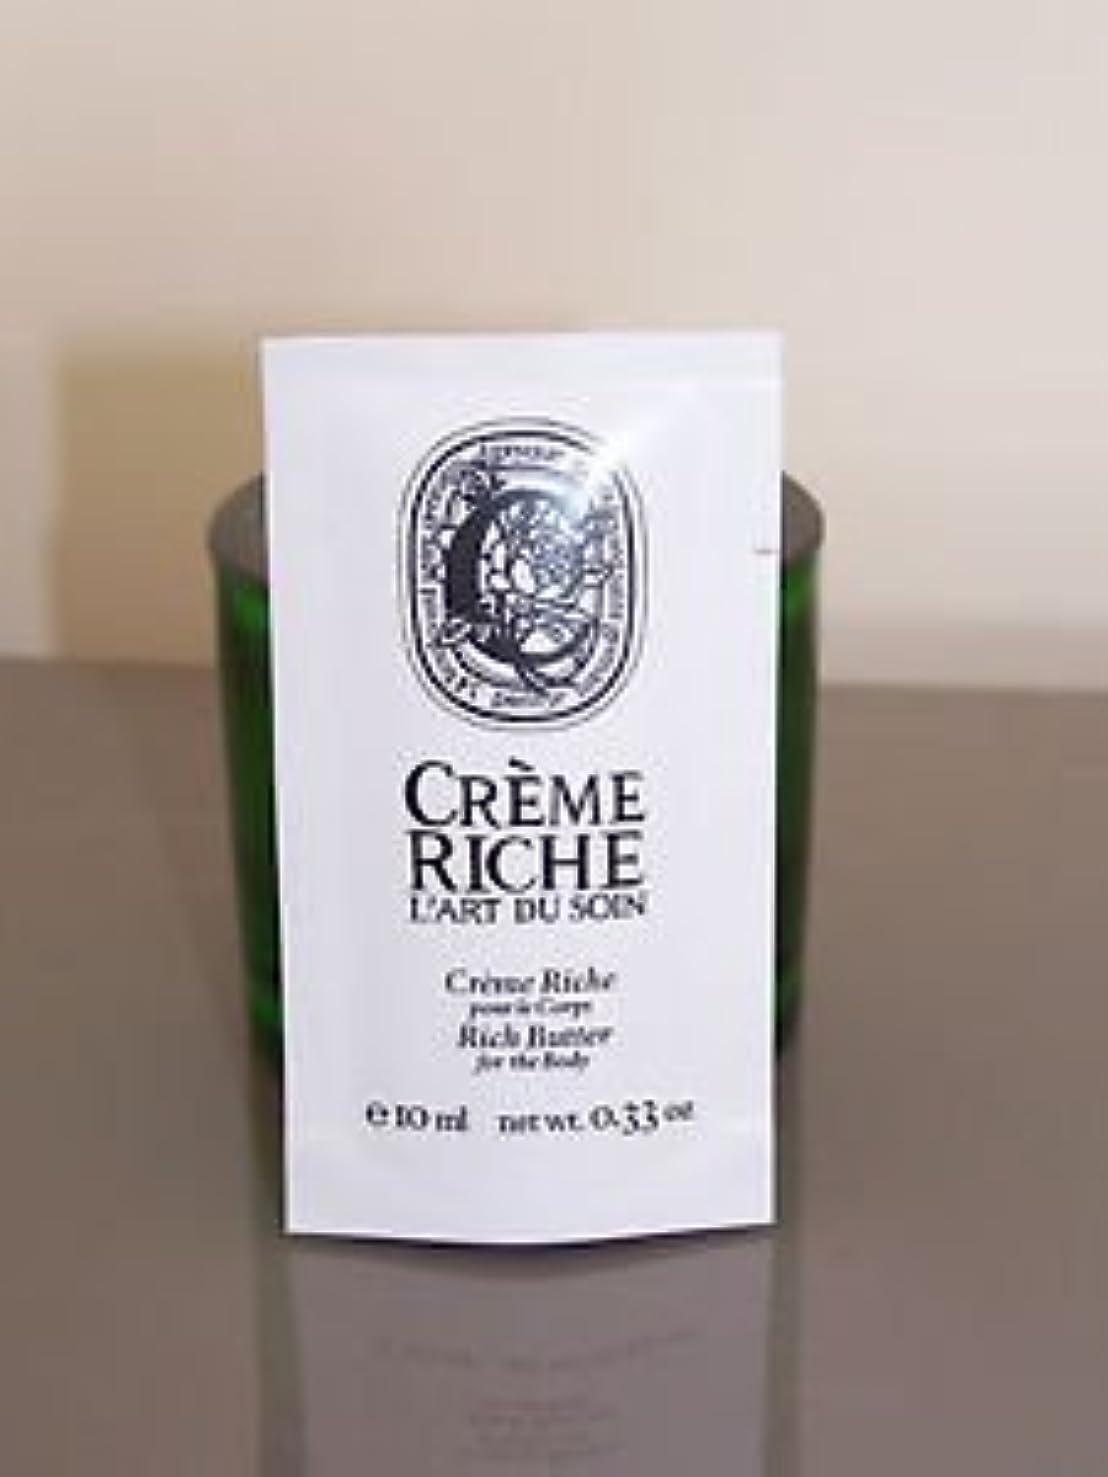 ギャングスター放出オペラDiptyque Creme Riche (ディプティック クレーム リッチ) 0.33 oz (10ml) ボディーバター (ボディークリーム) サンプル for Women